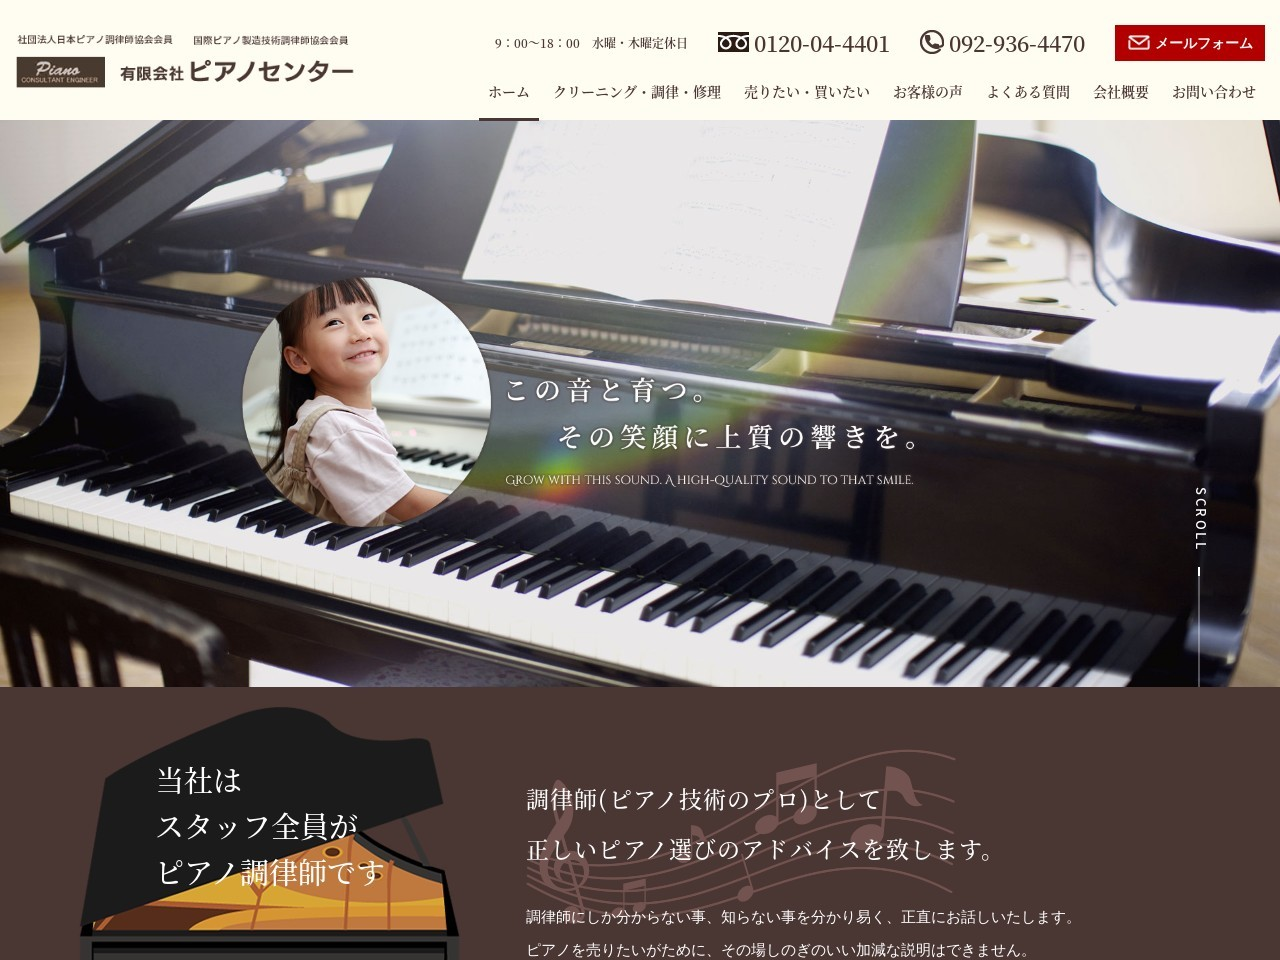 有限会社ピアノセンター【福岡】ピアノ販売やピアノ買取、調律、修理、リニューアル、中古ピアノ